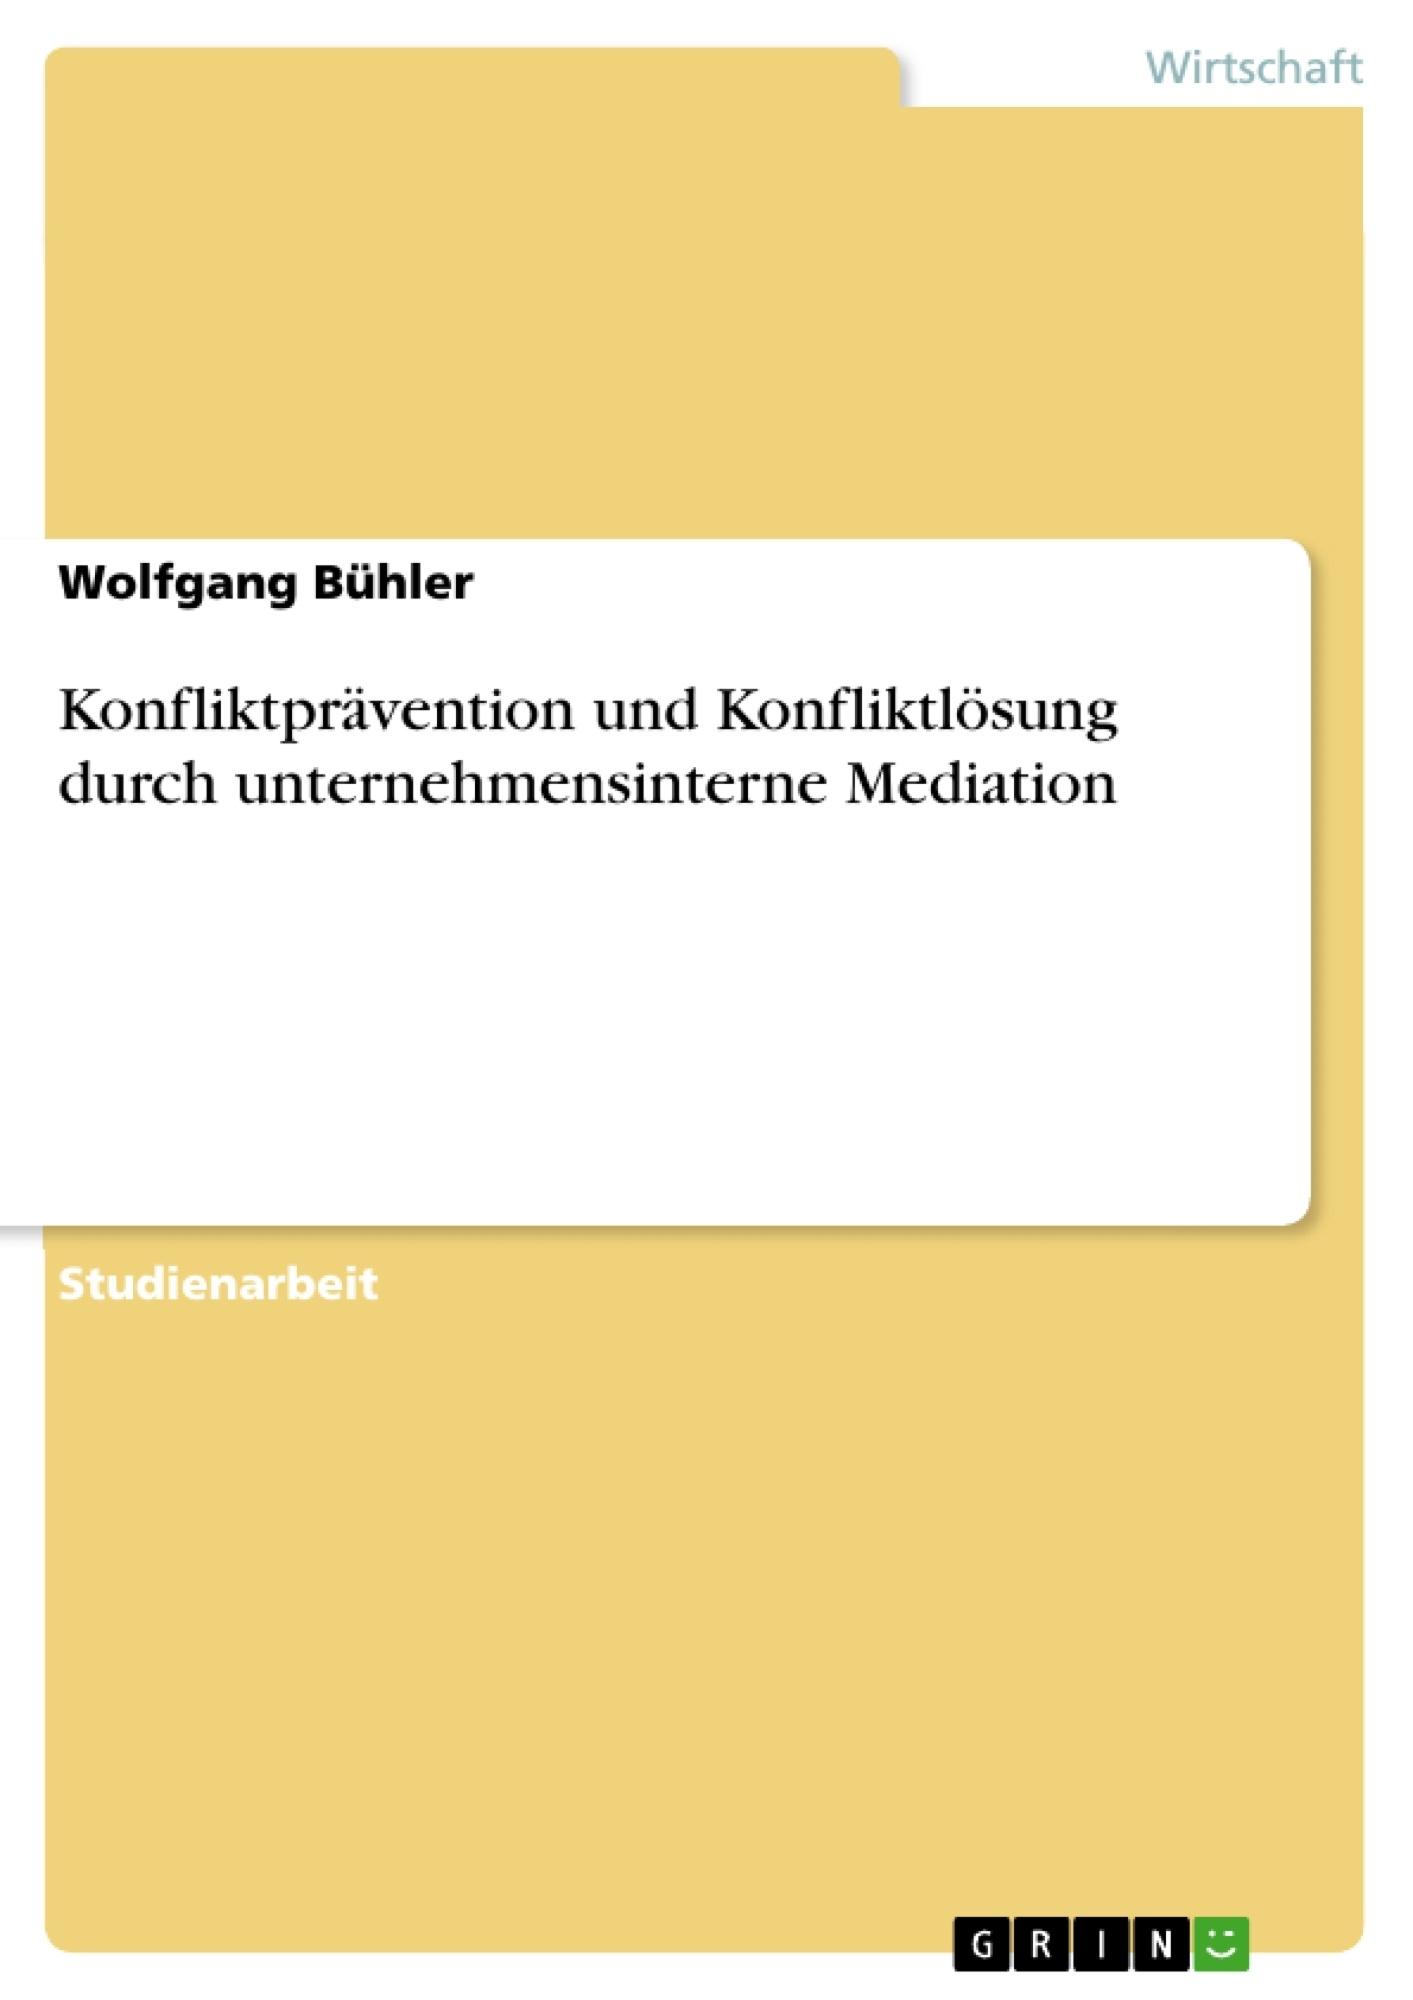 Titel: Konfliktprävention und Konfliktlösung durch unternehmensinterne Mediation